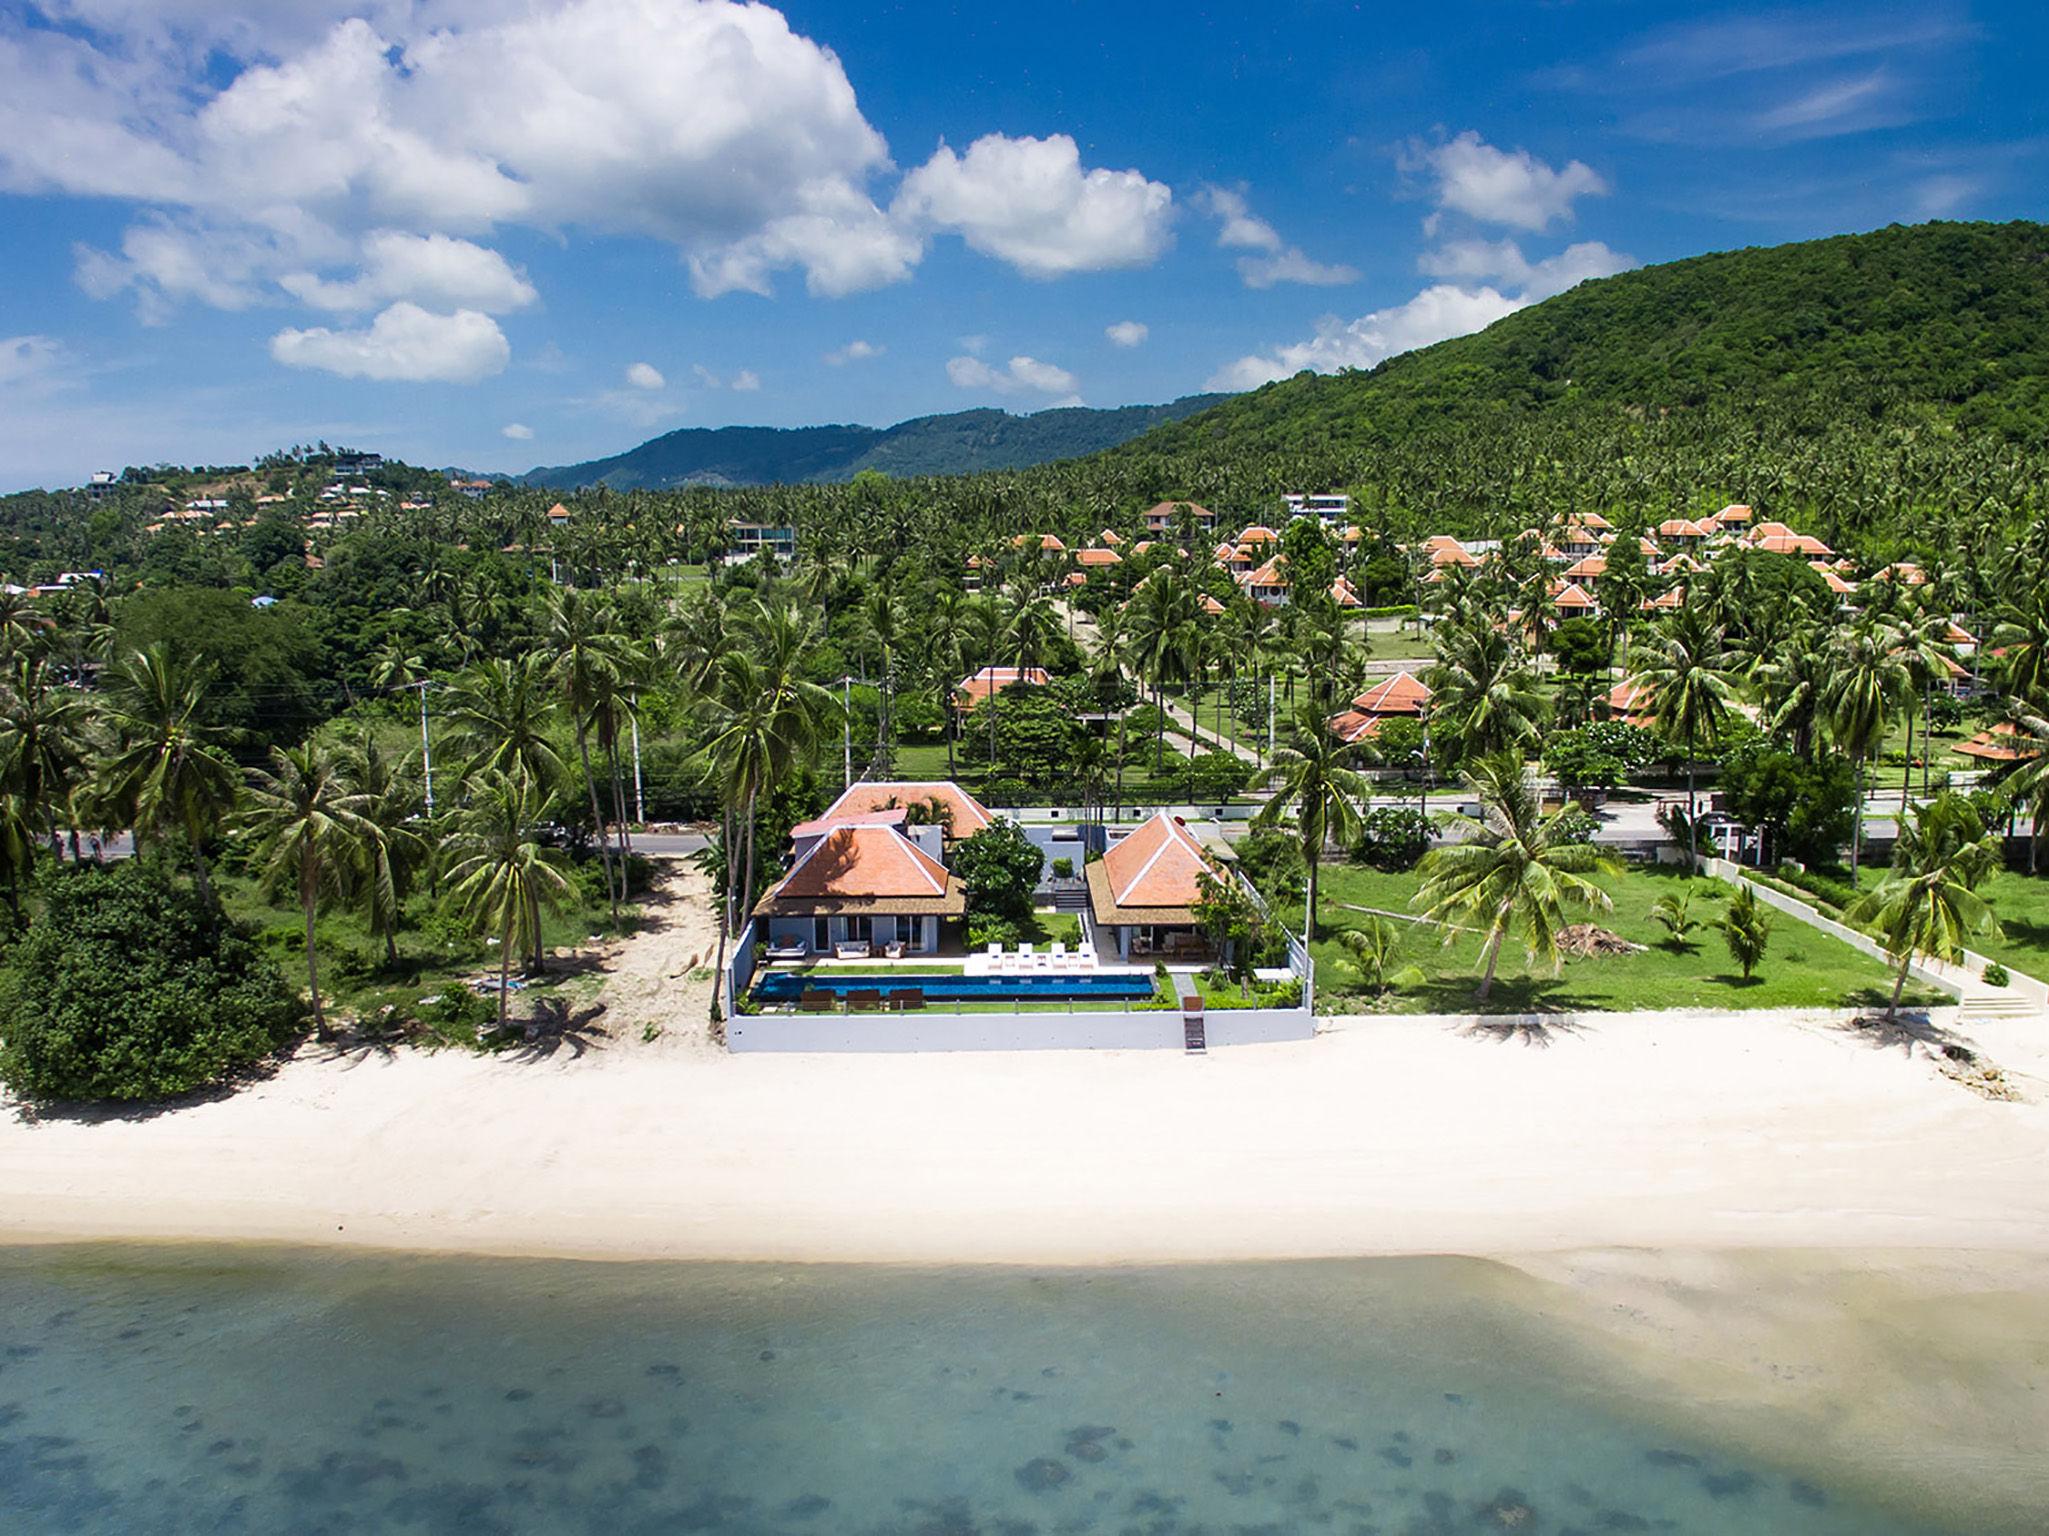 Baan Dalah - Beautiful location